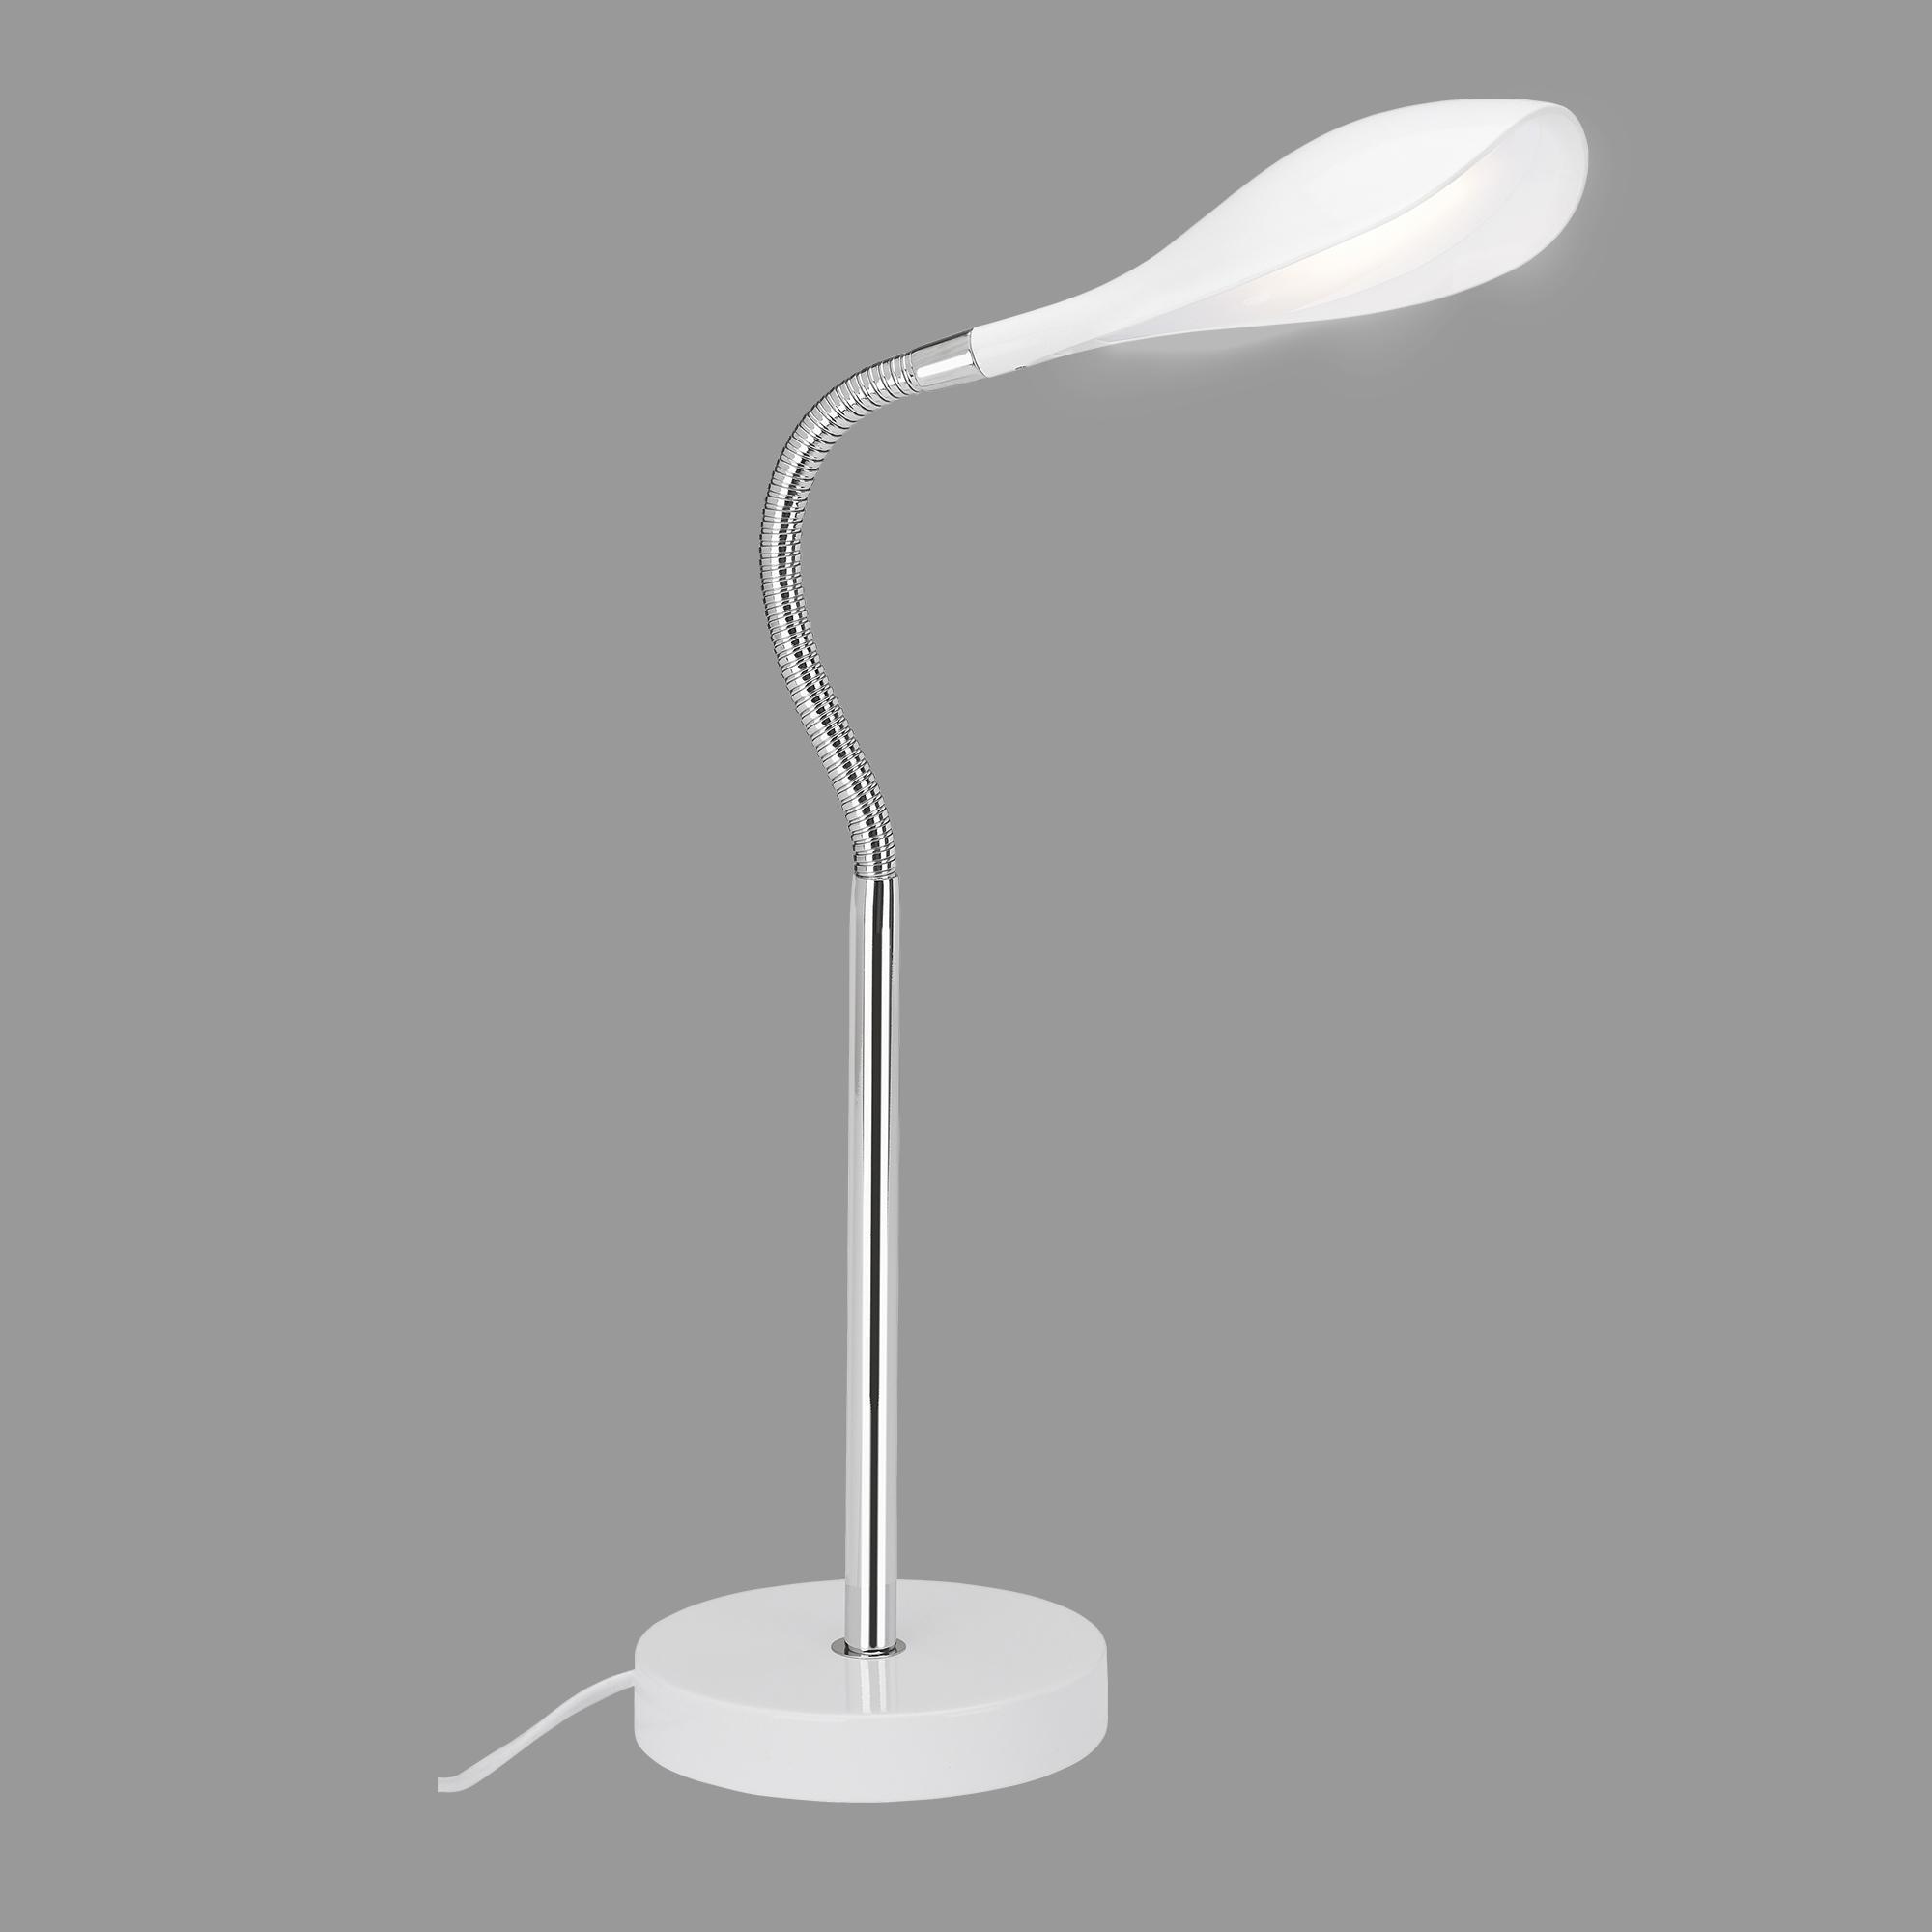 LED Tischleuchte, 40 cm, 4,5 W, Weiss